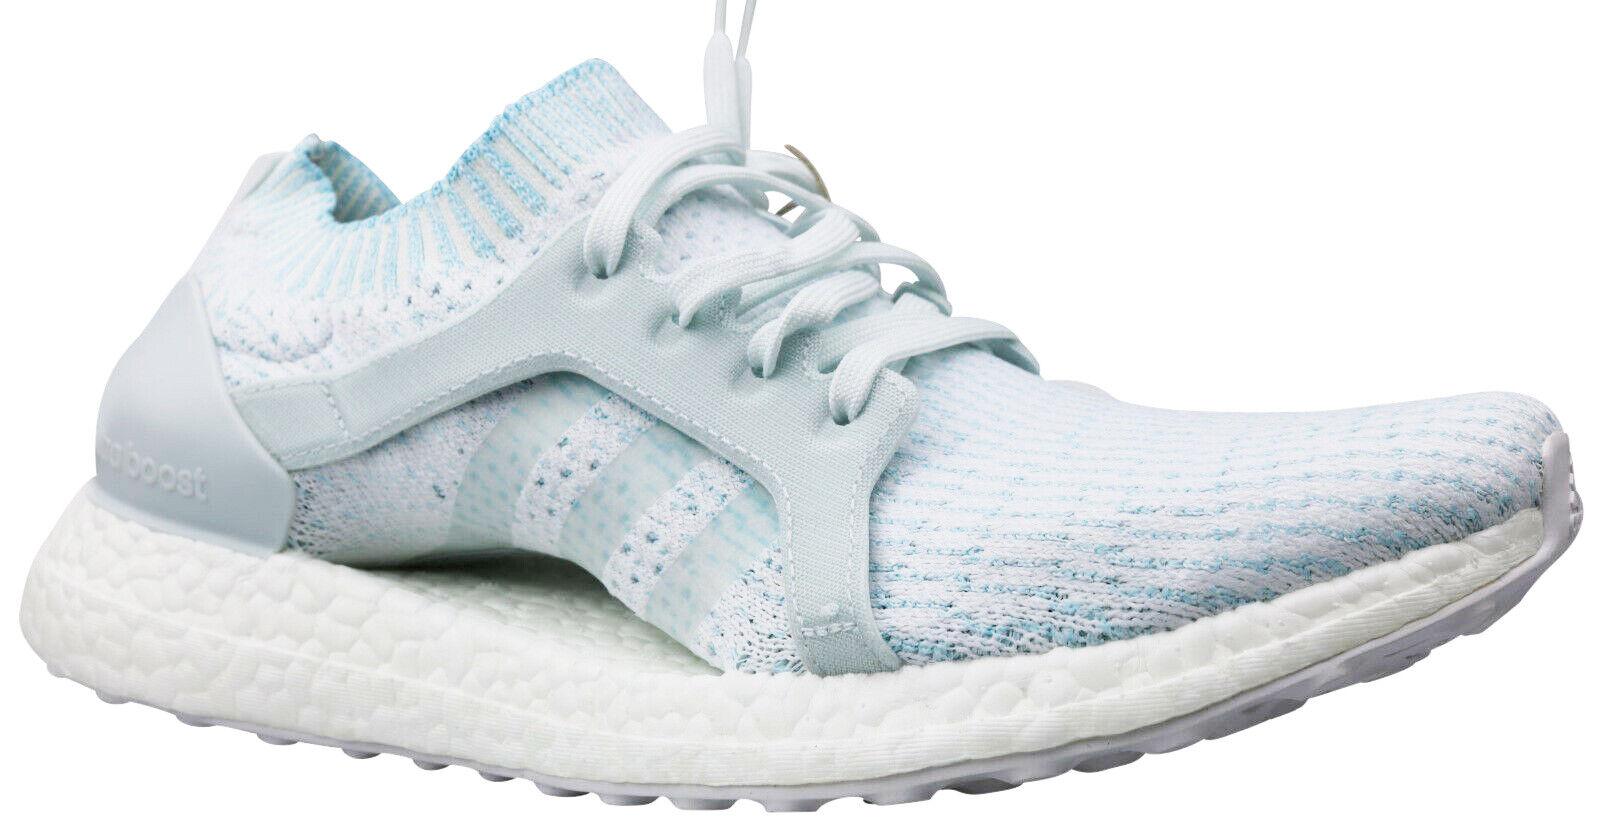 Adidas Ultra Boost x Parley W Sneaker Laufschuhe BY2707 Gr. 42,5 44 44,5 NEU OVP